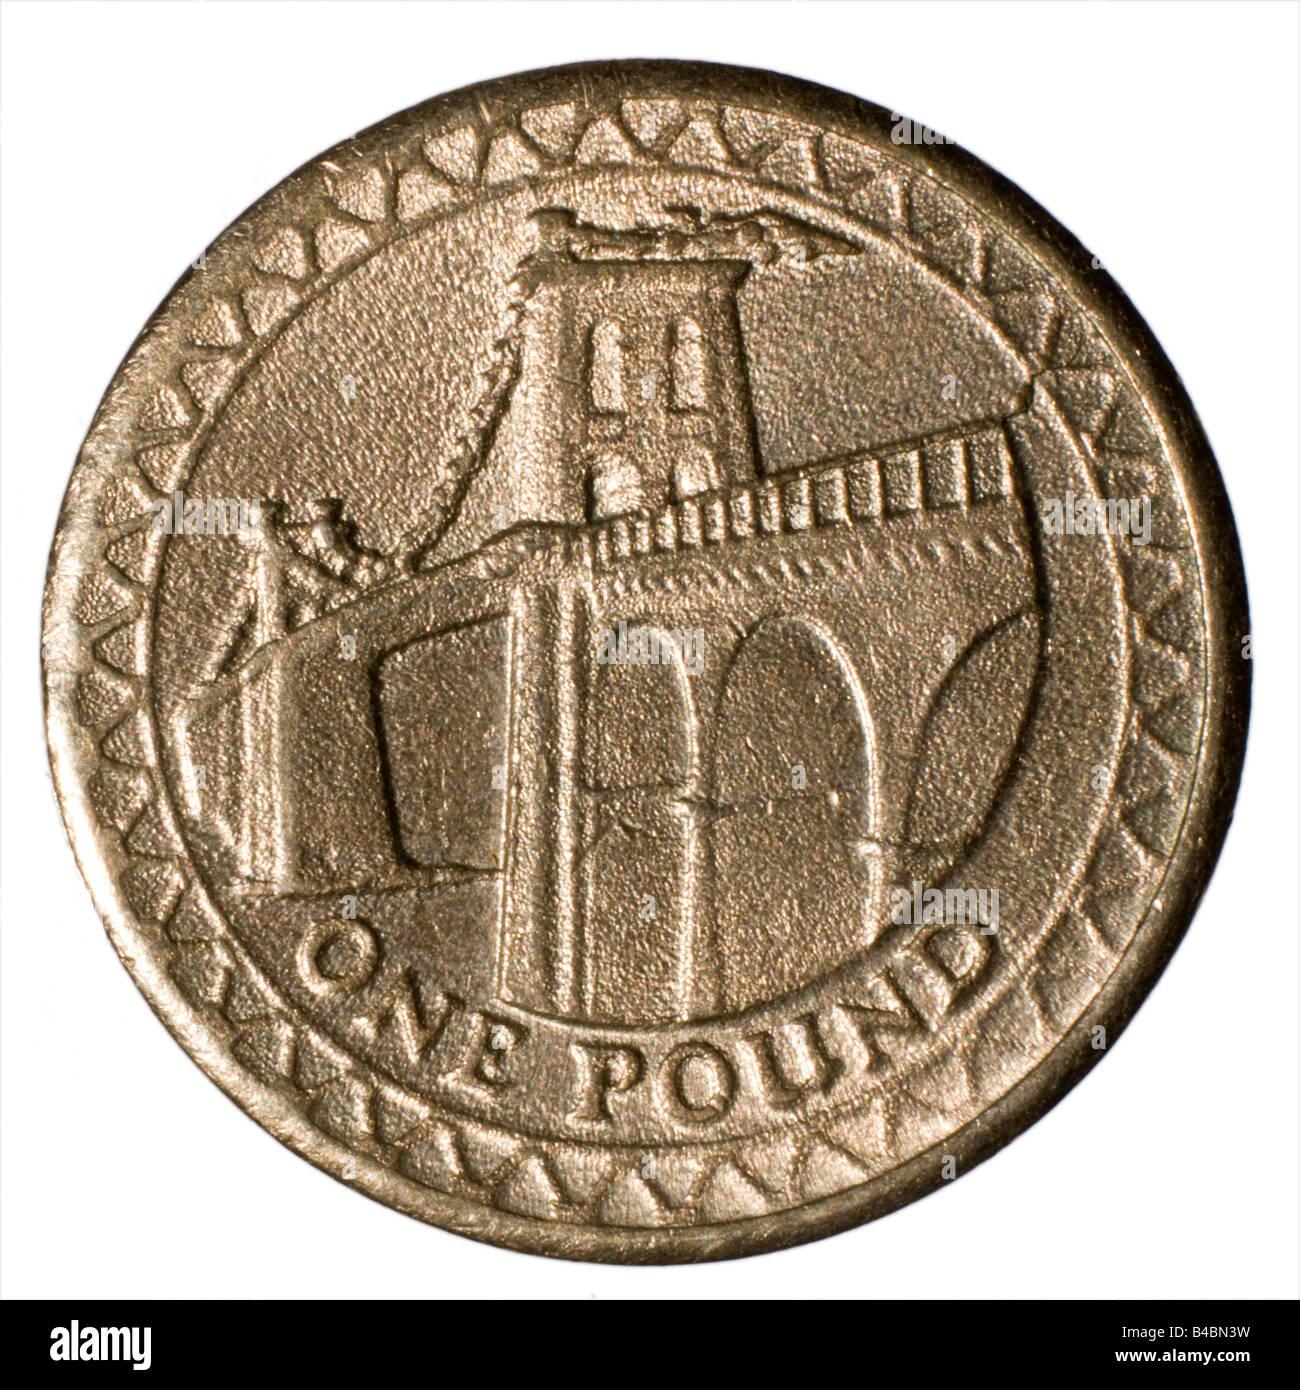 Gefälschte 2005 1 Ein Pfund Münze Zeigt Schlechte Definition Und